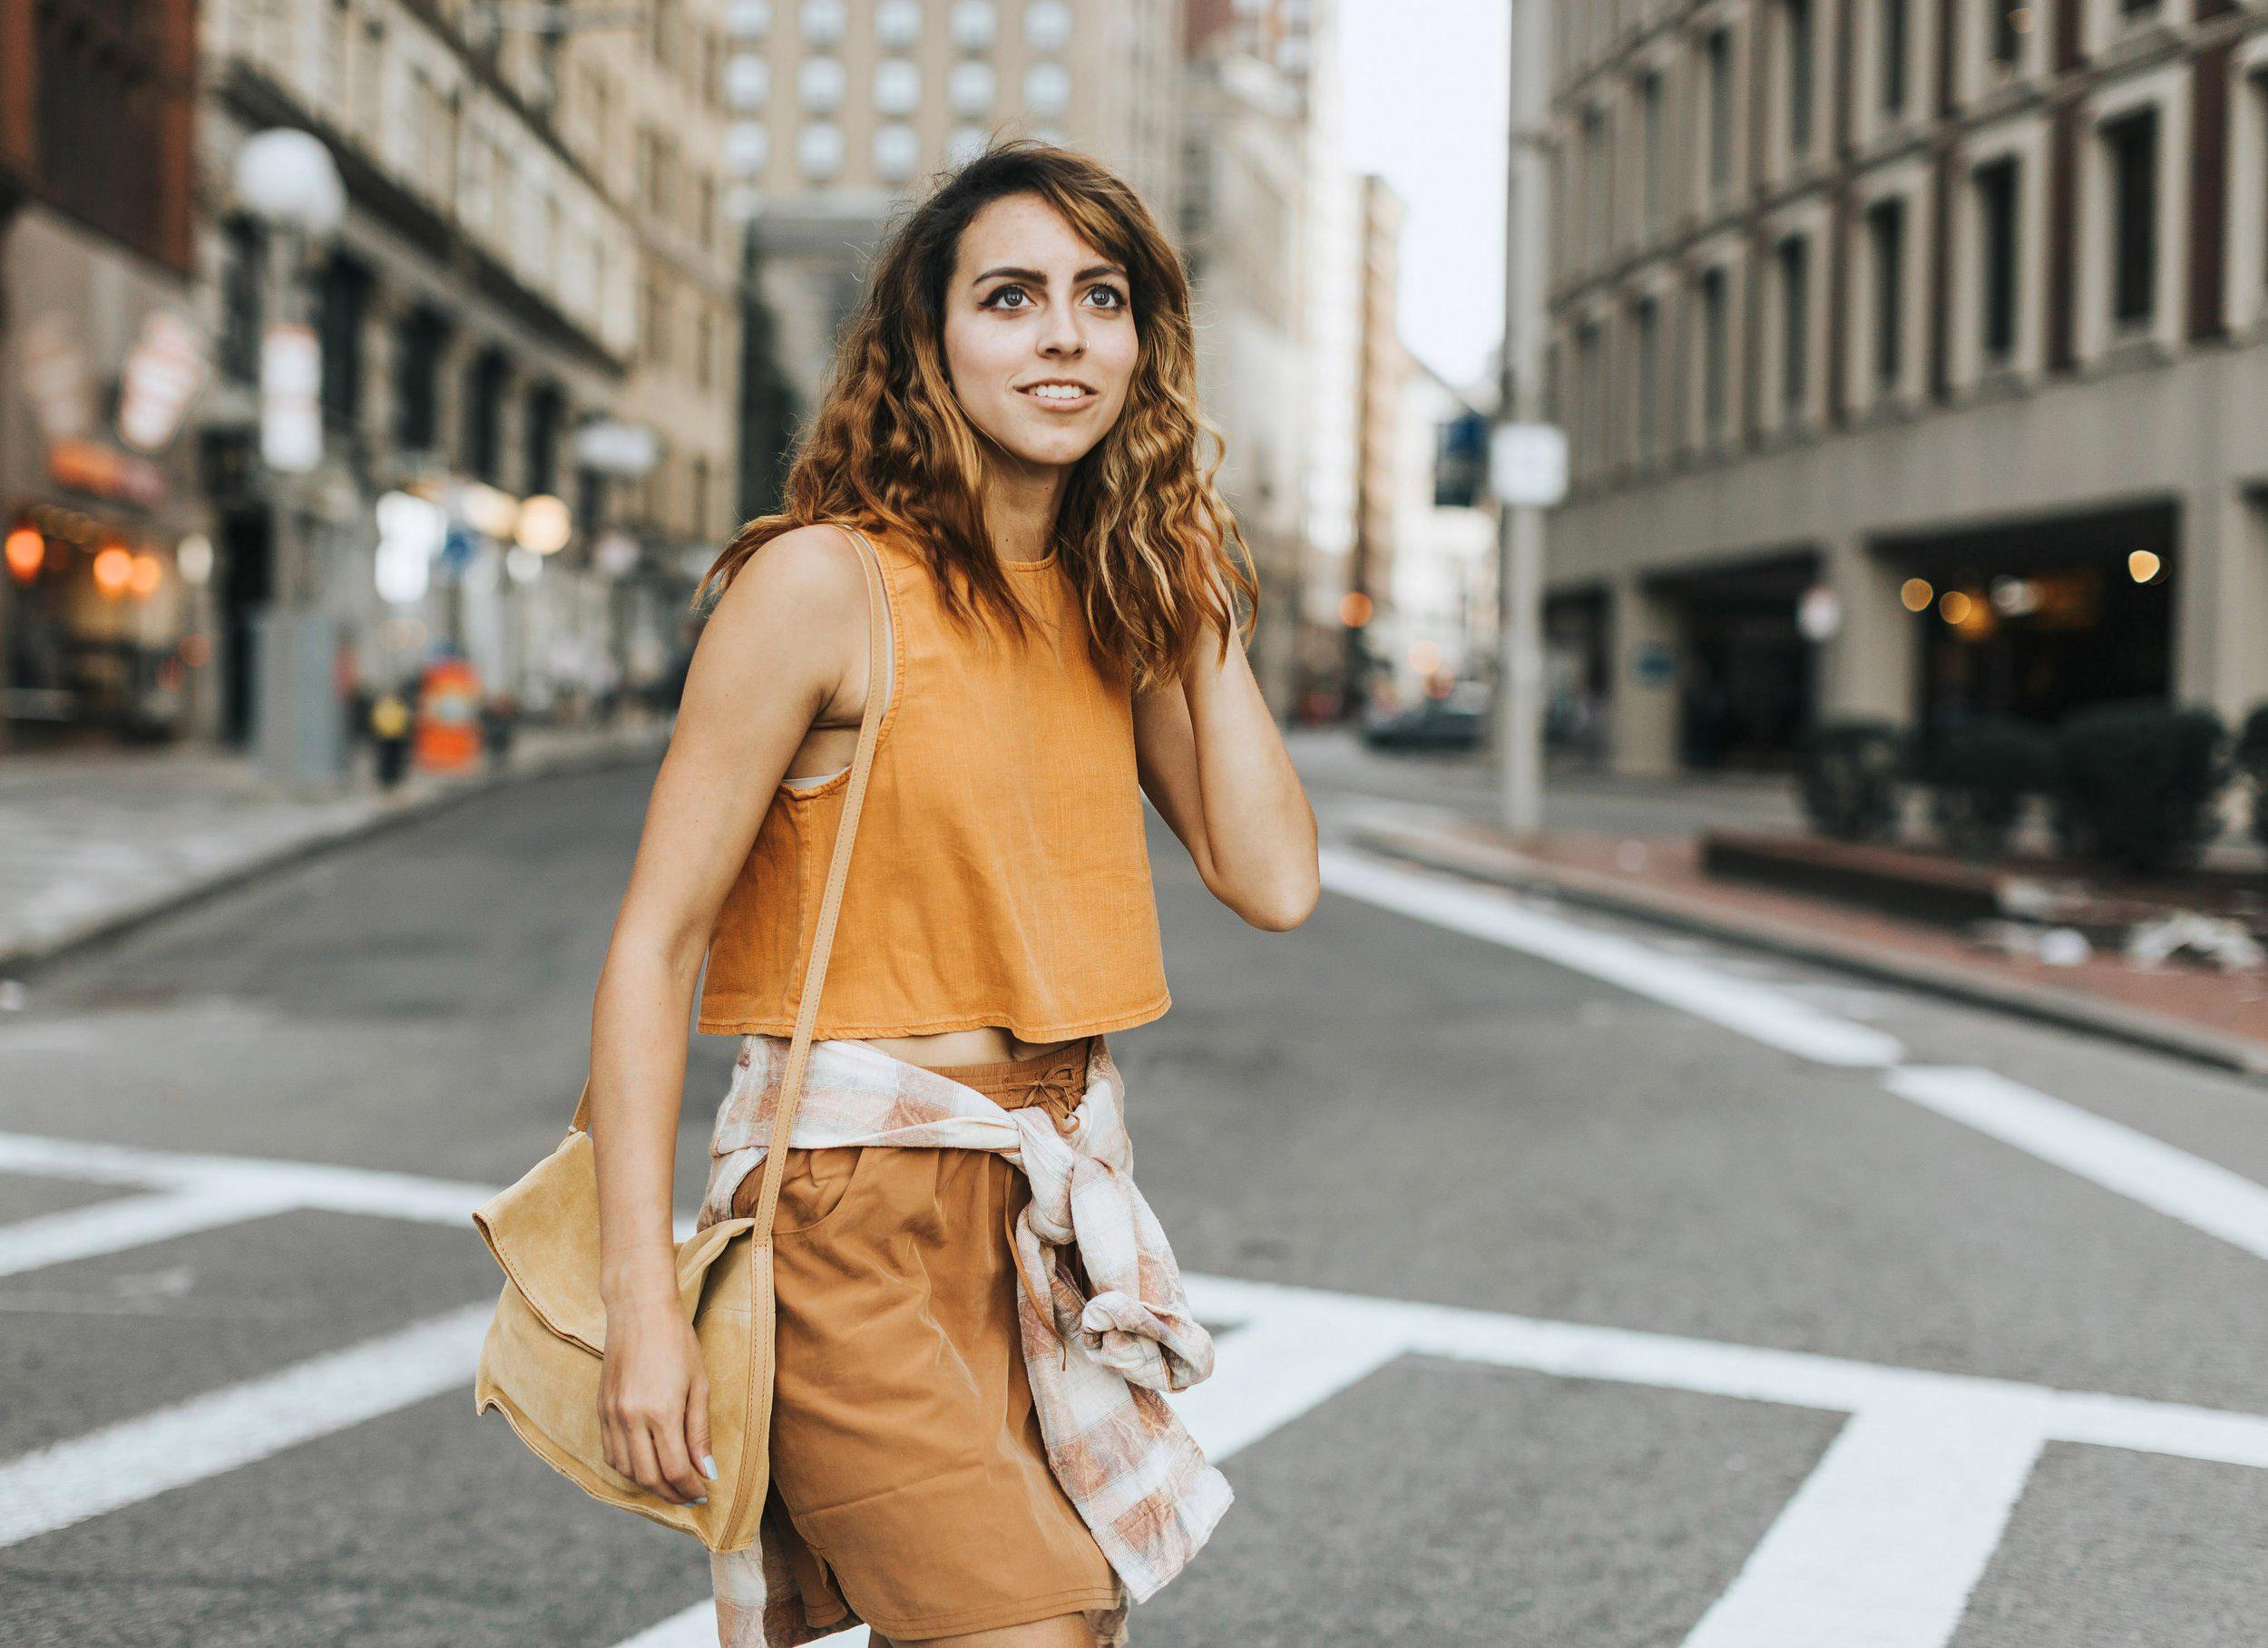 Urban_Outfitters_Boston_Boston_Lena_Mirisola_28.jpg